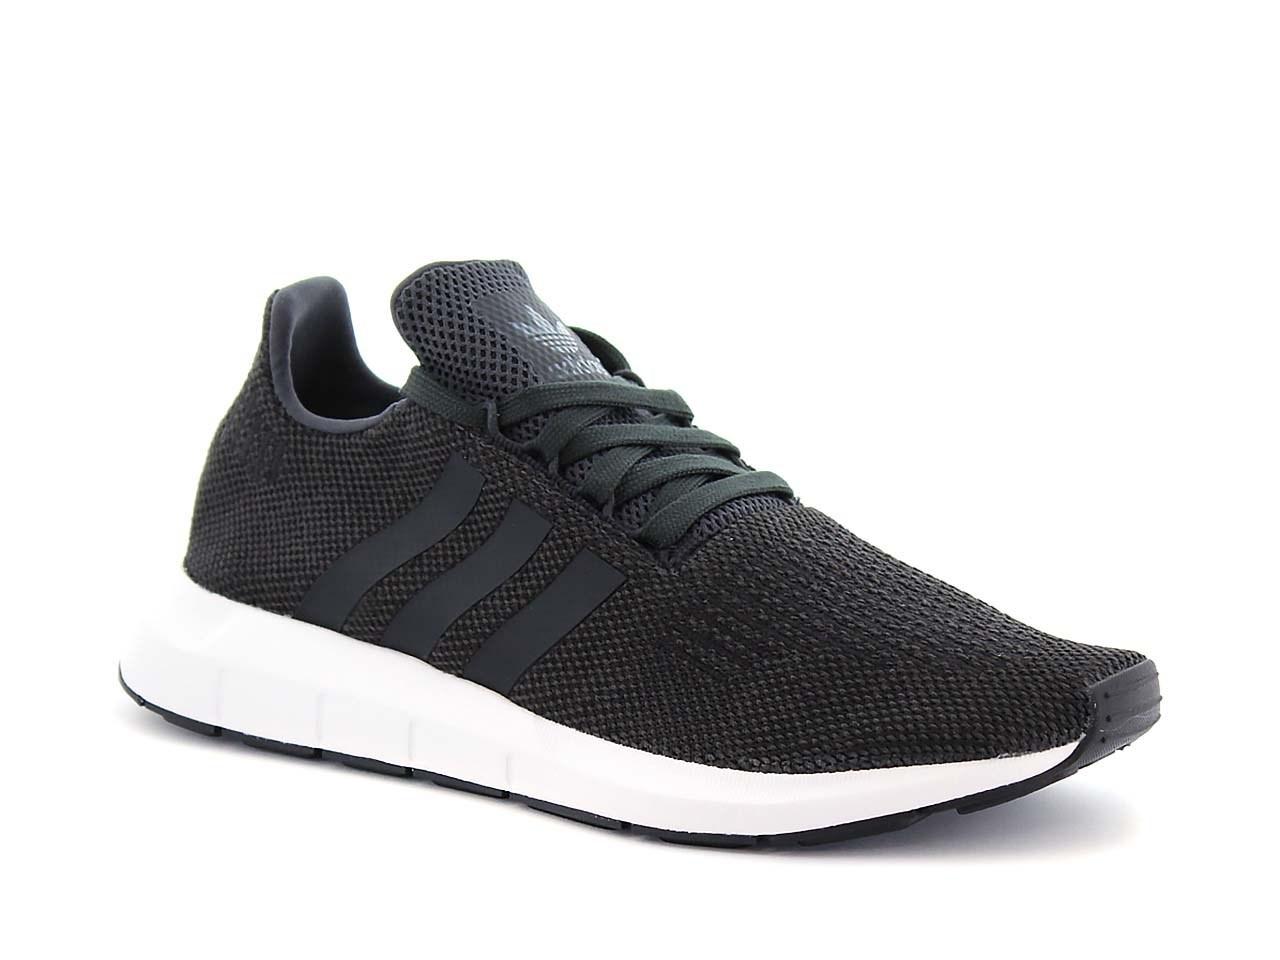 online retailer 7d3ae 9aec8 Bergqvist Skor. Adidas